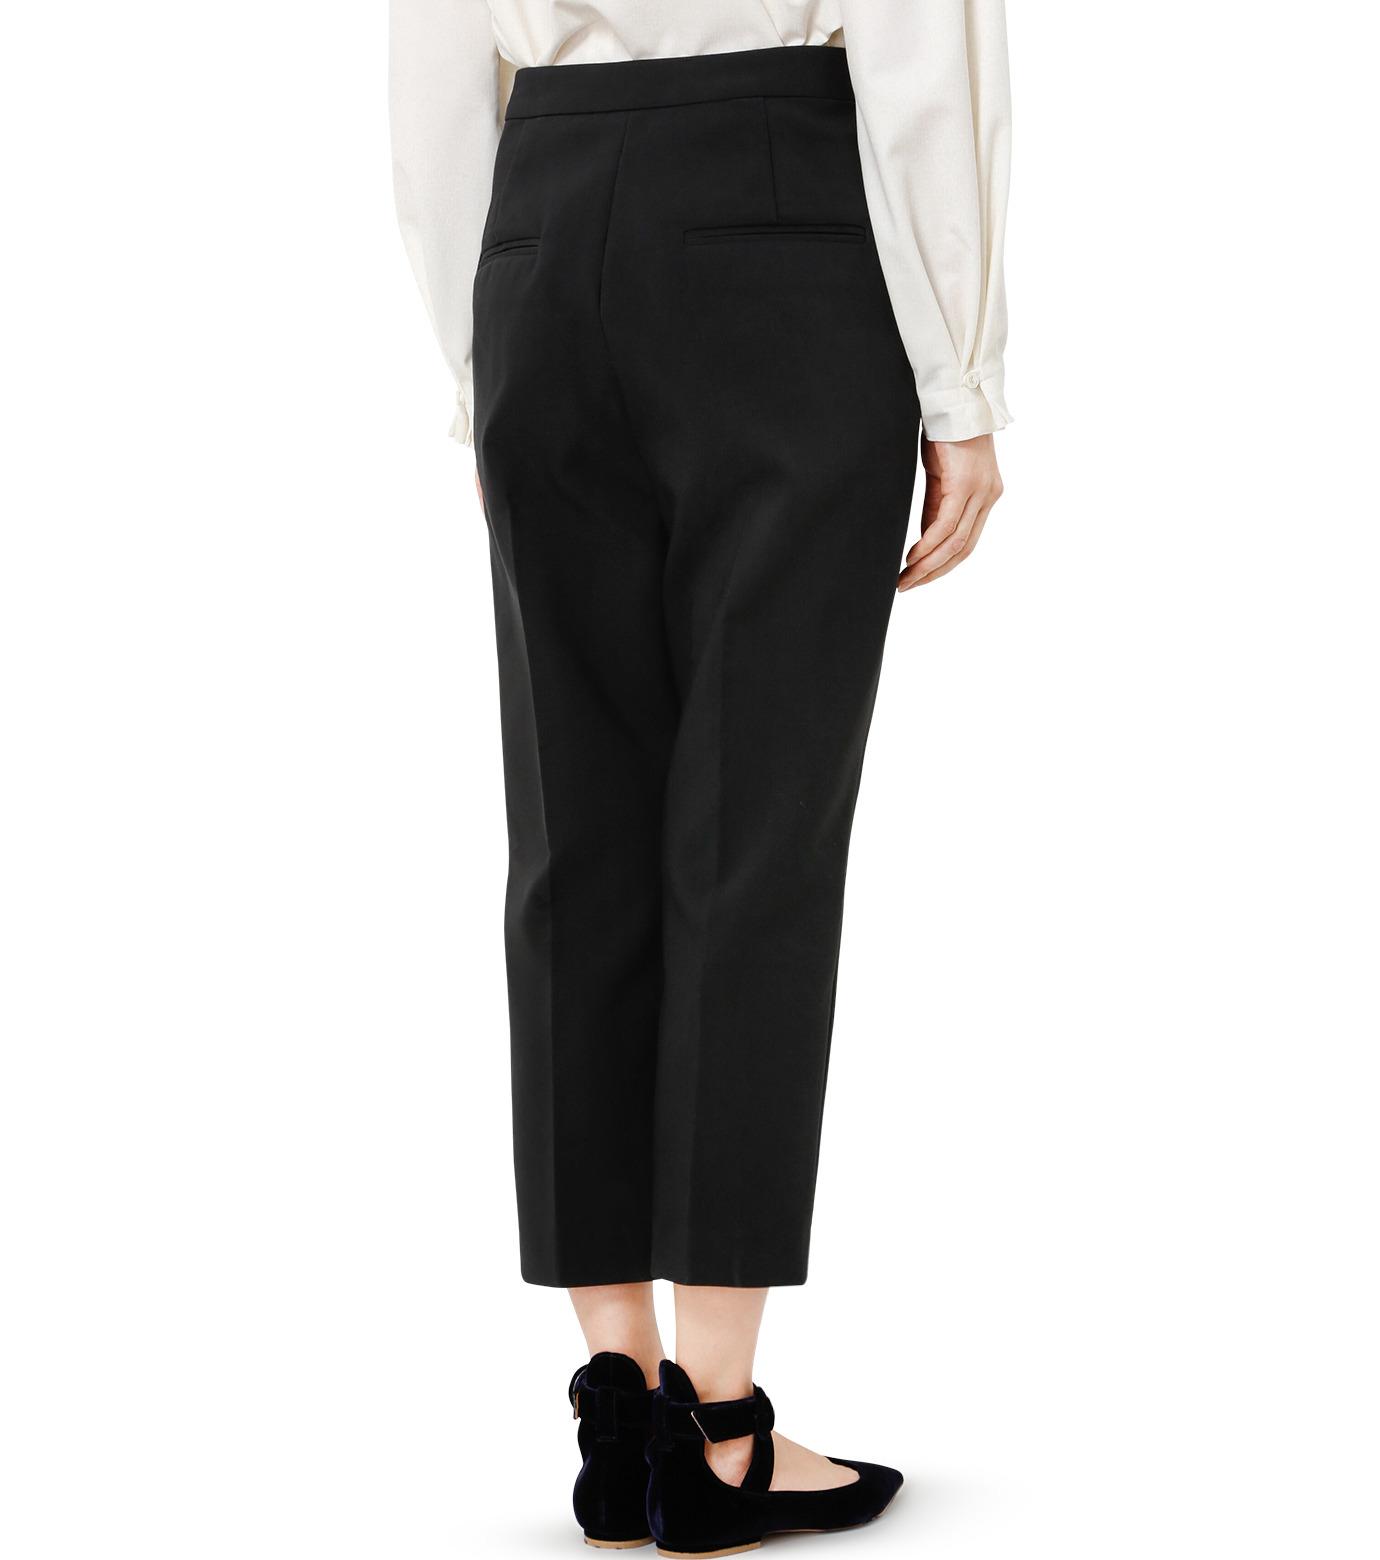 LE CIEL BLEU(ルシェルブルー)のクロップルーズパンツ-BLACK(パンツ/pants)-19S68102 拡大詳細画像4